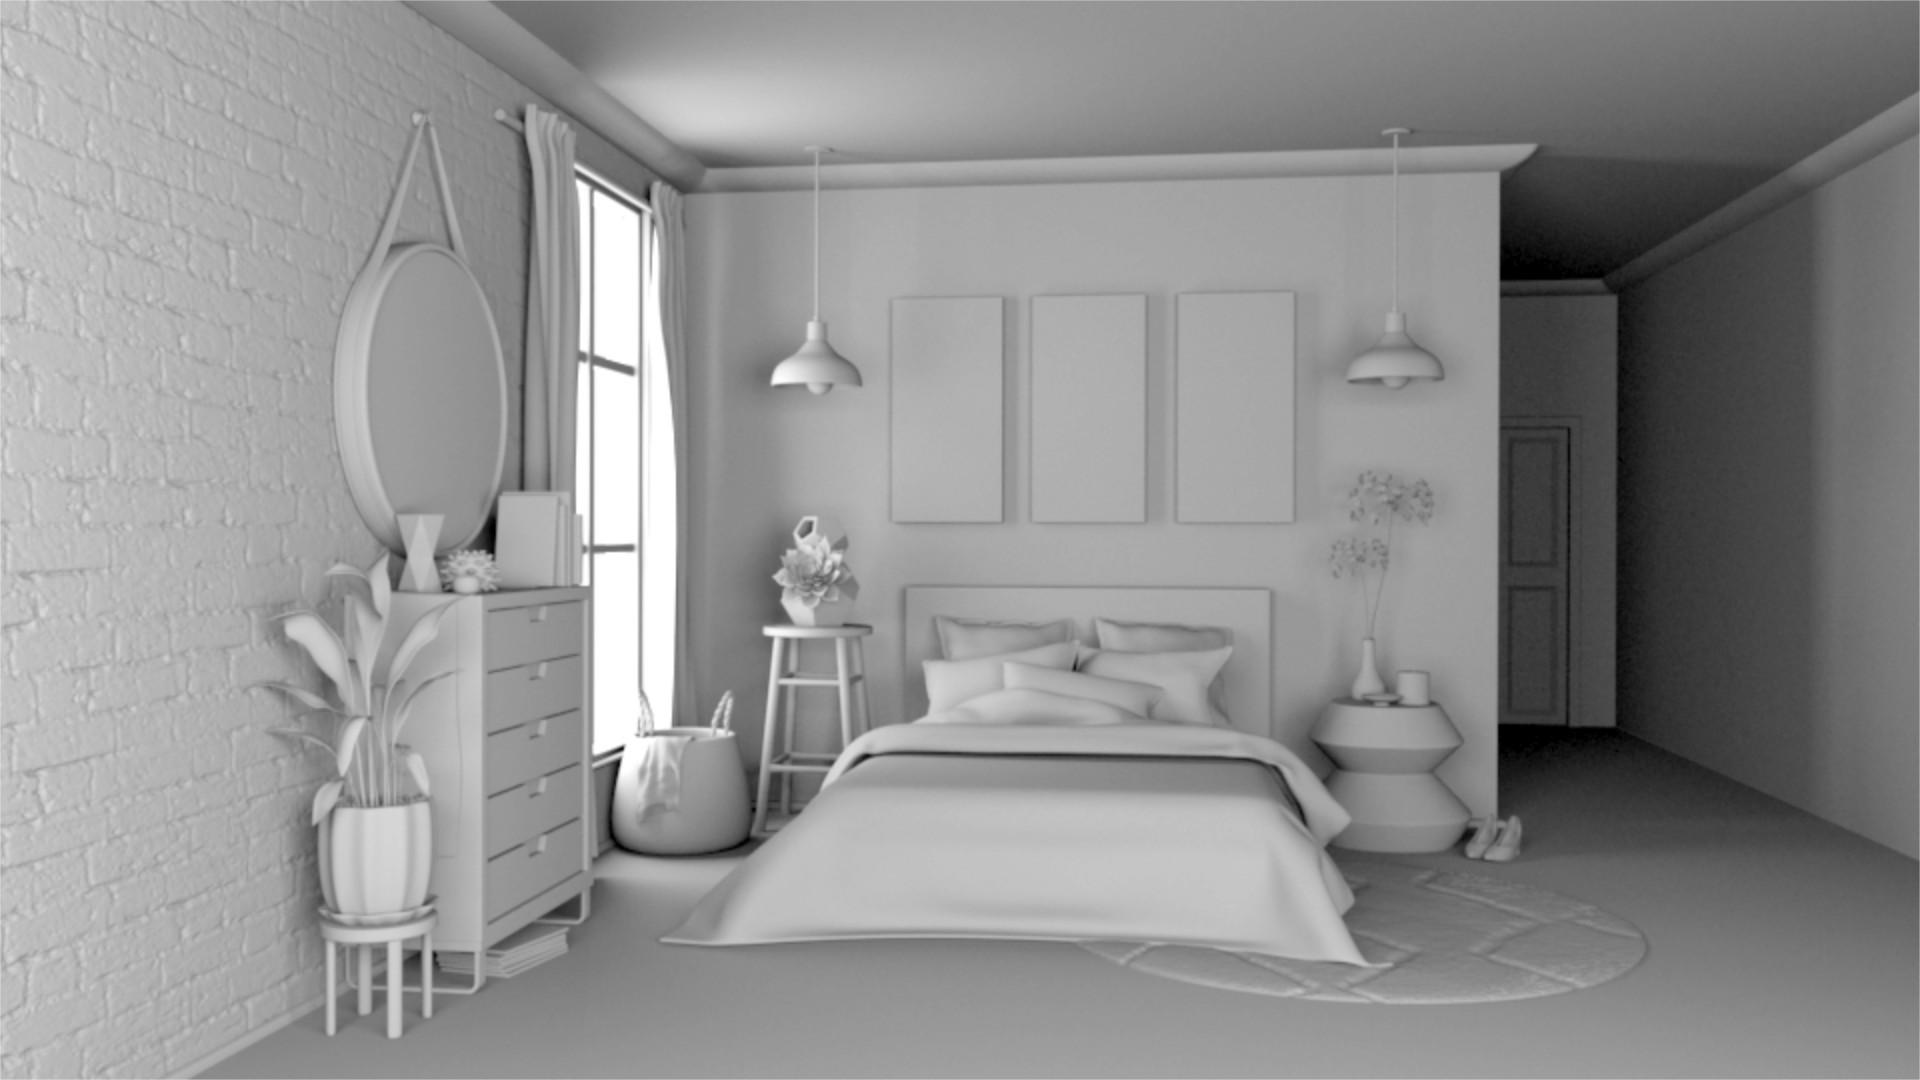 Sunlit bedroom untextured